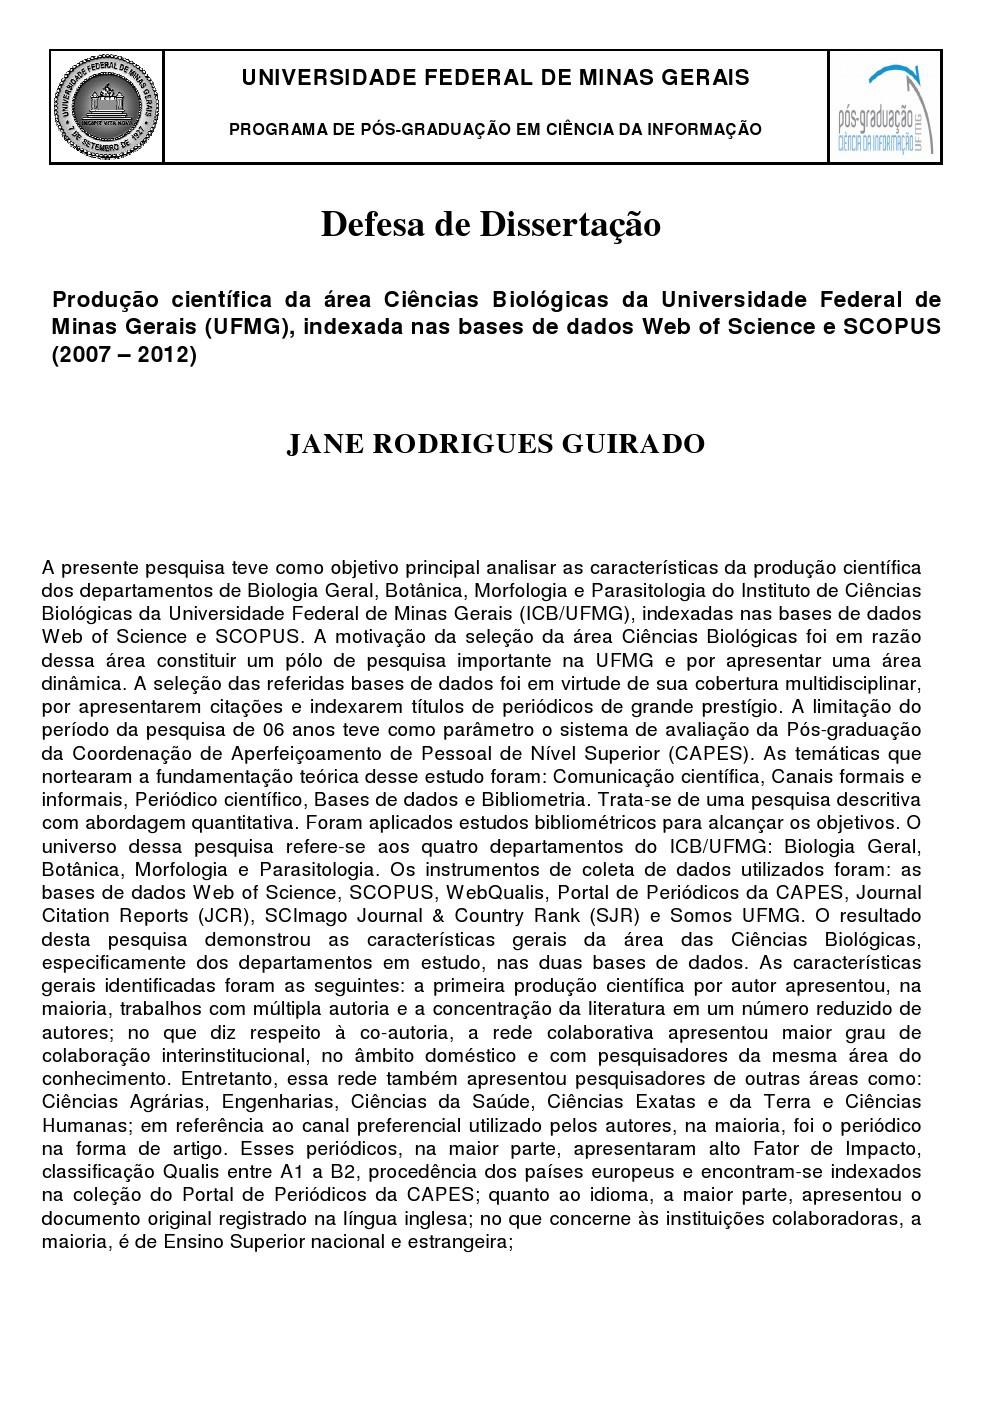 Defesa de Dissertação Jane Rodrigues Guirado